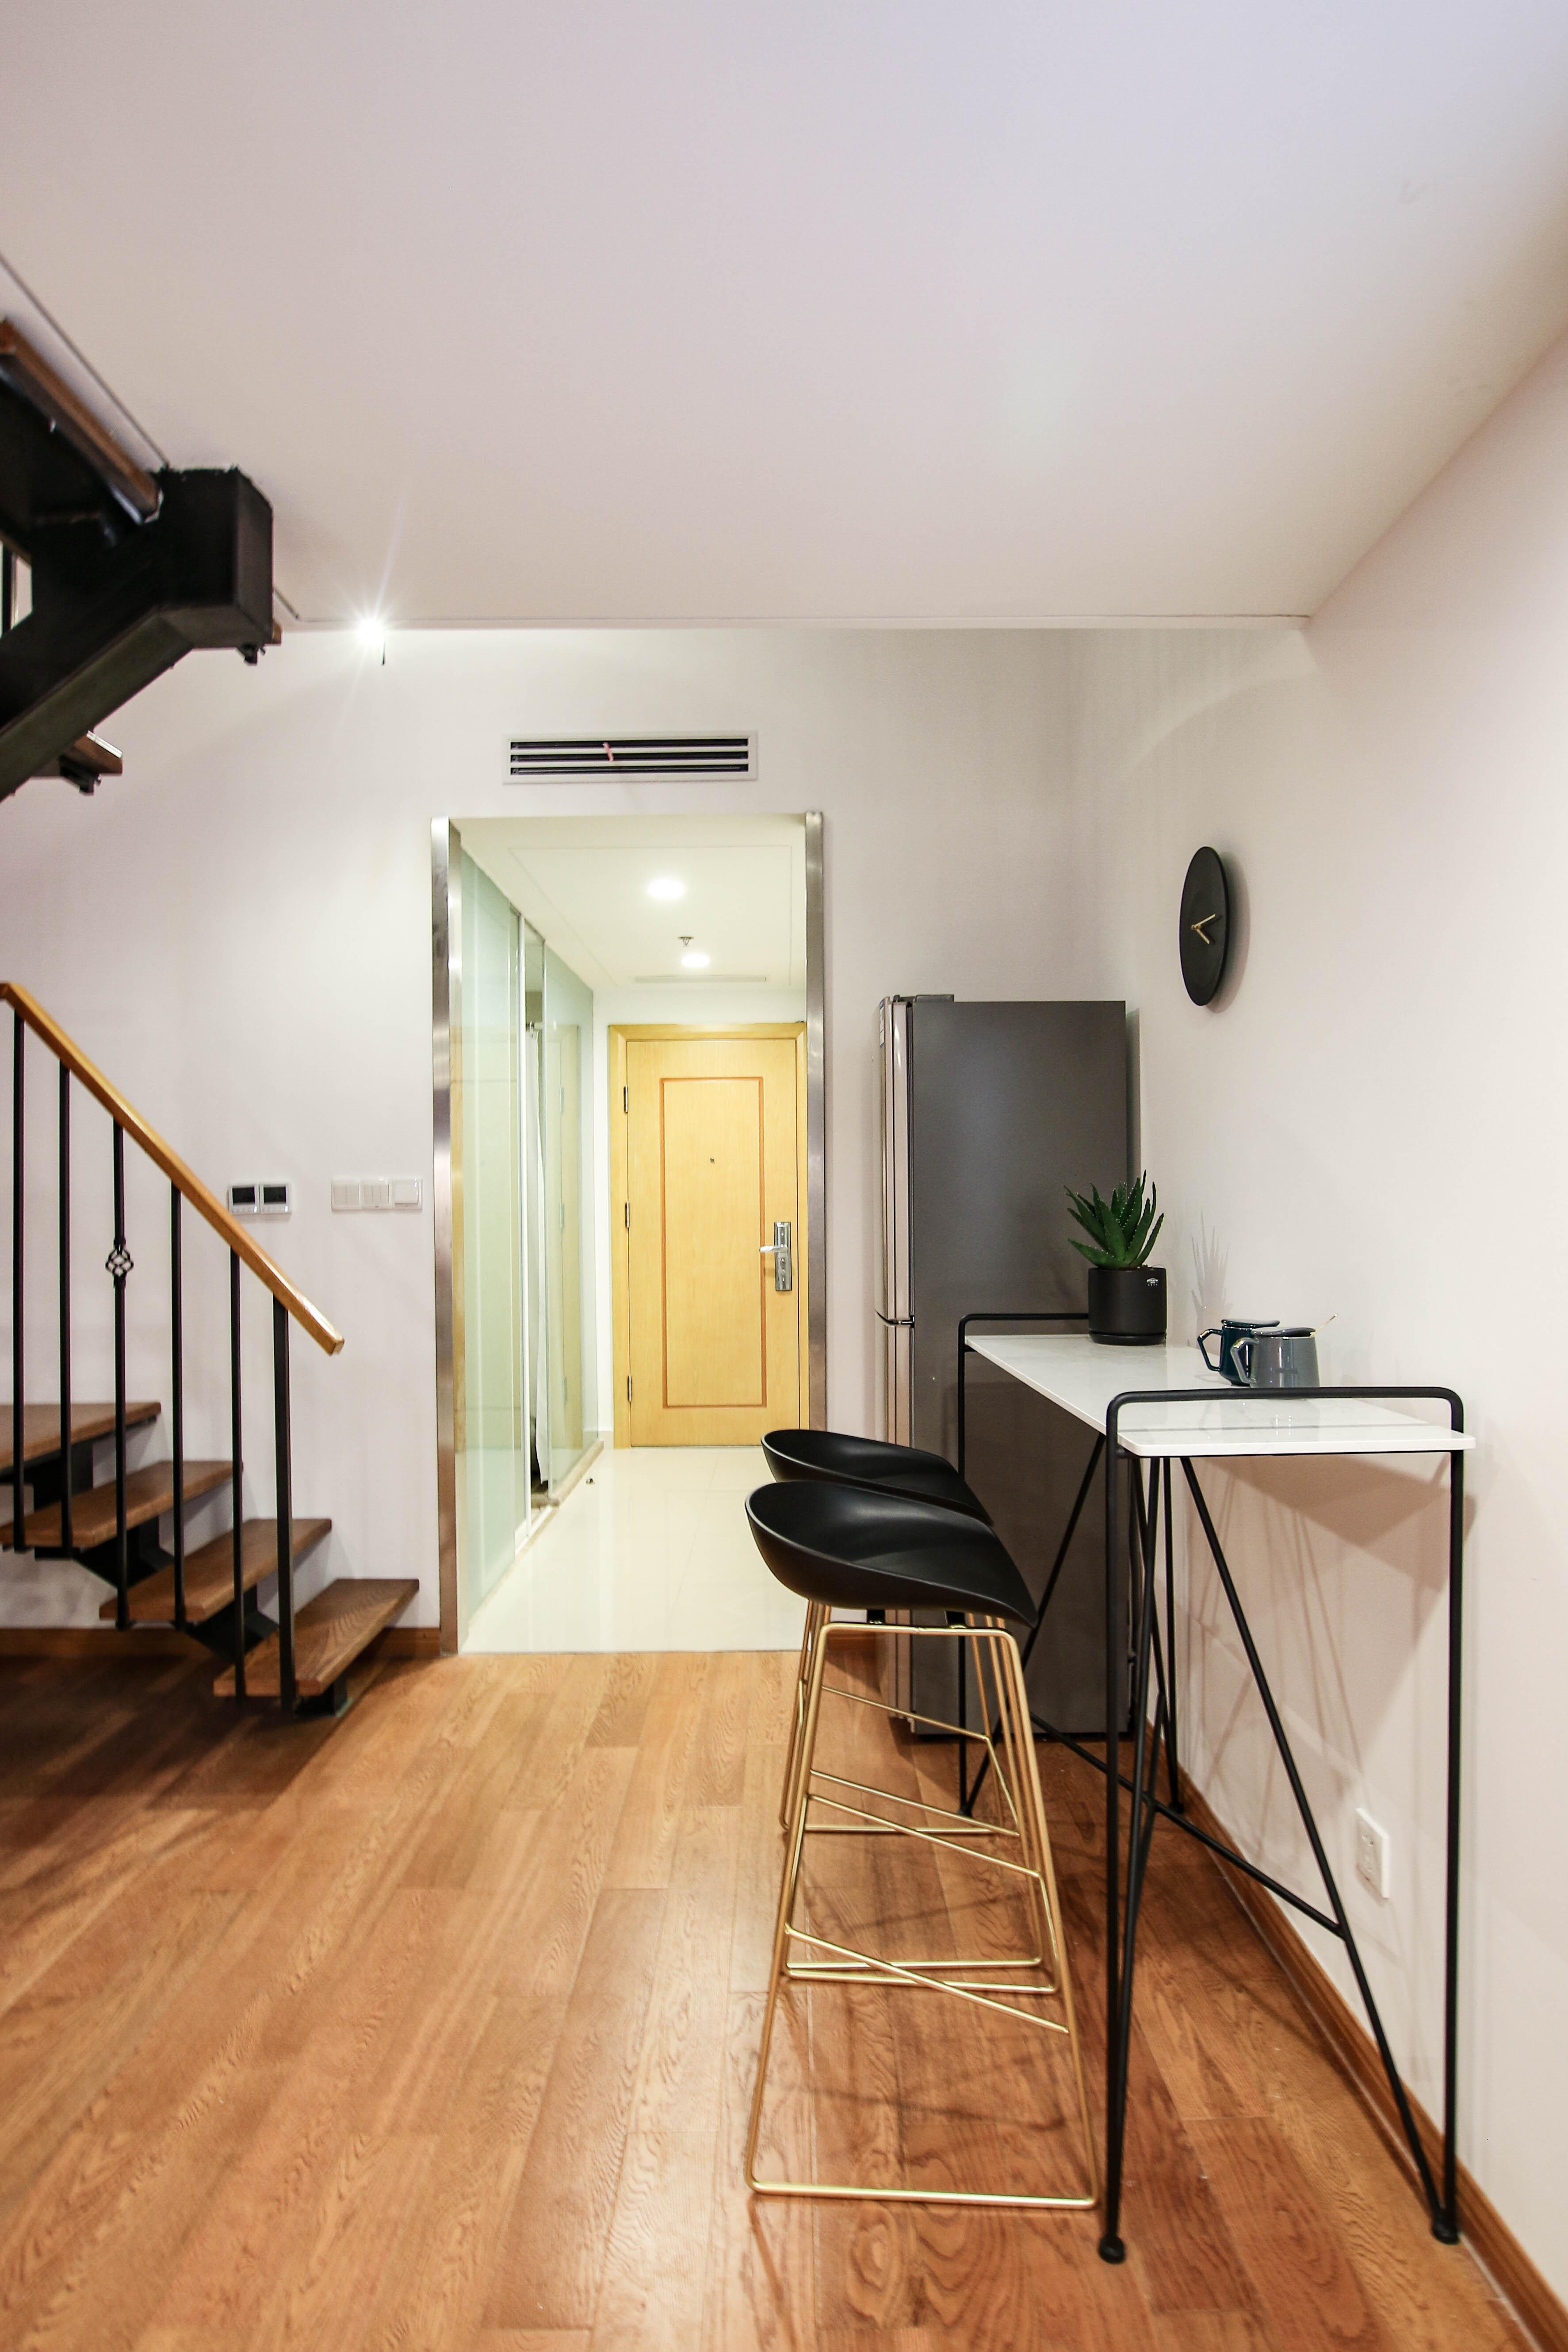 58㎡loft公寓吧台装修效果图